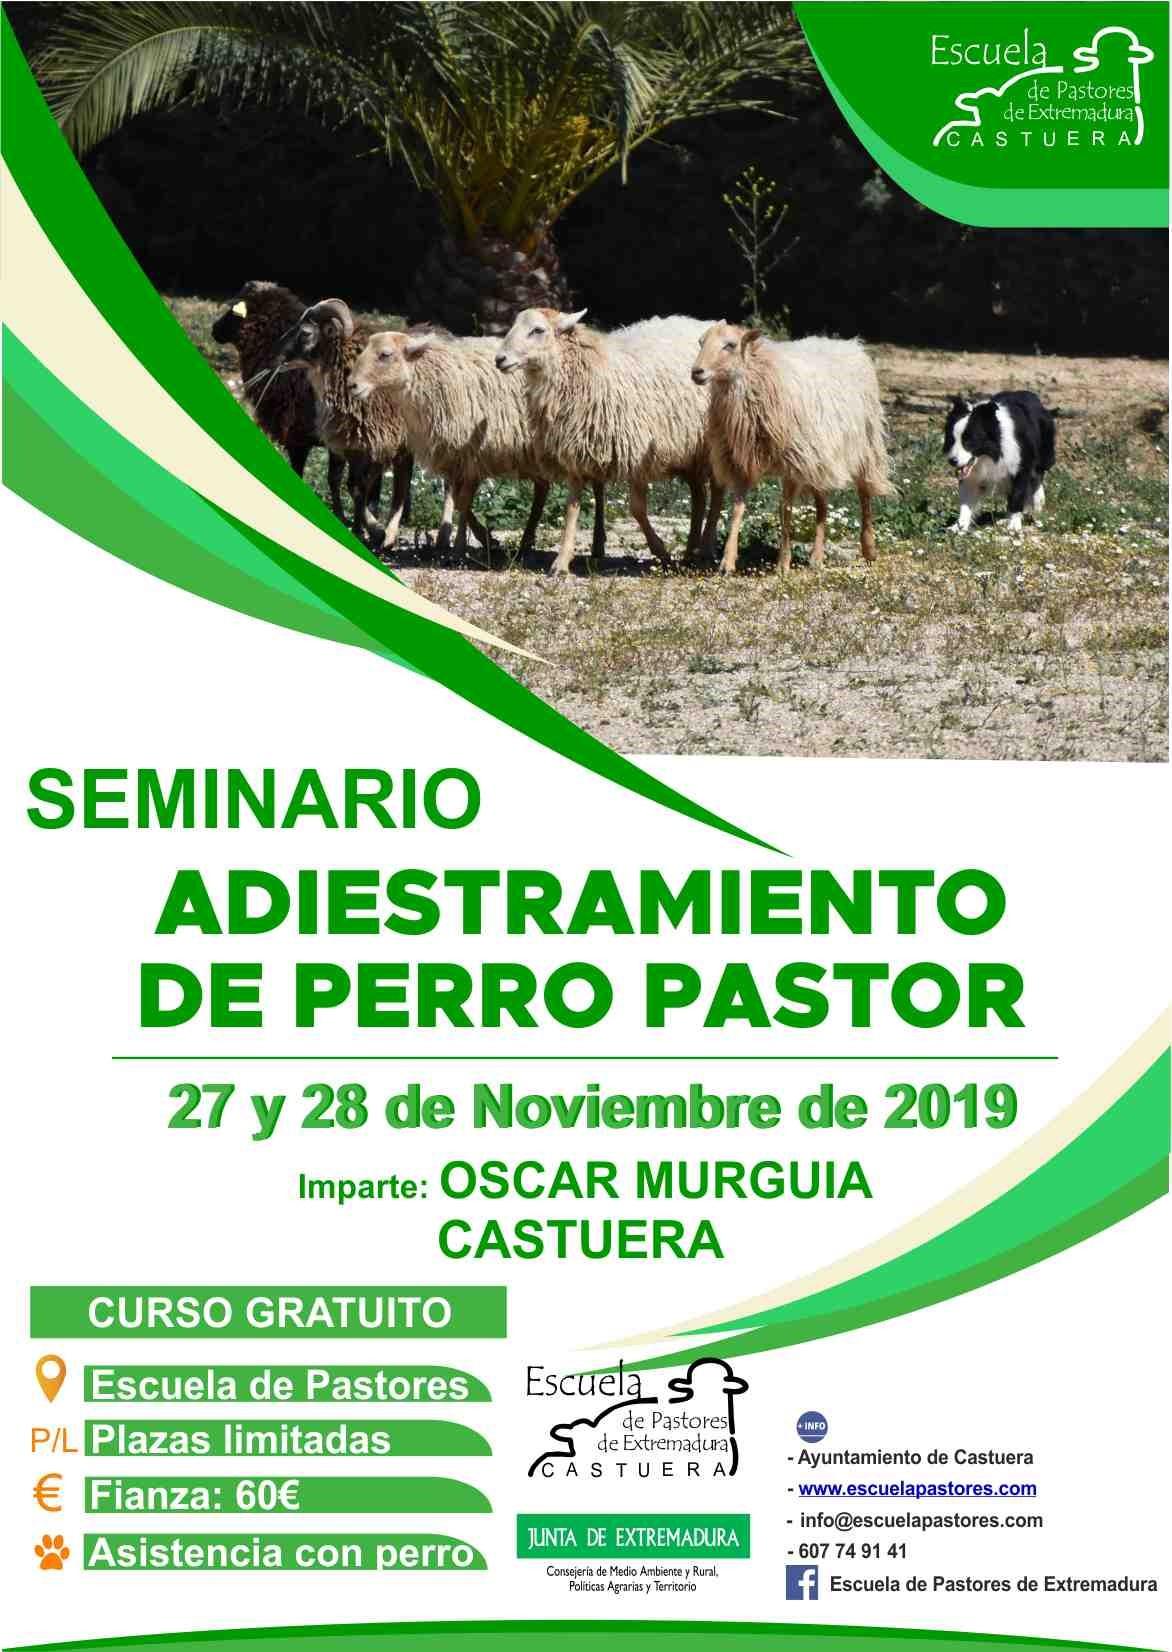 La Escuela de Pastores de Extremadura imparte un seminario sobre adiestramiento de perro pastor